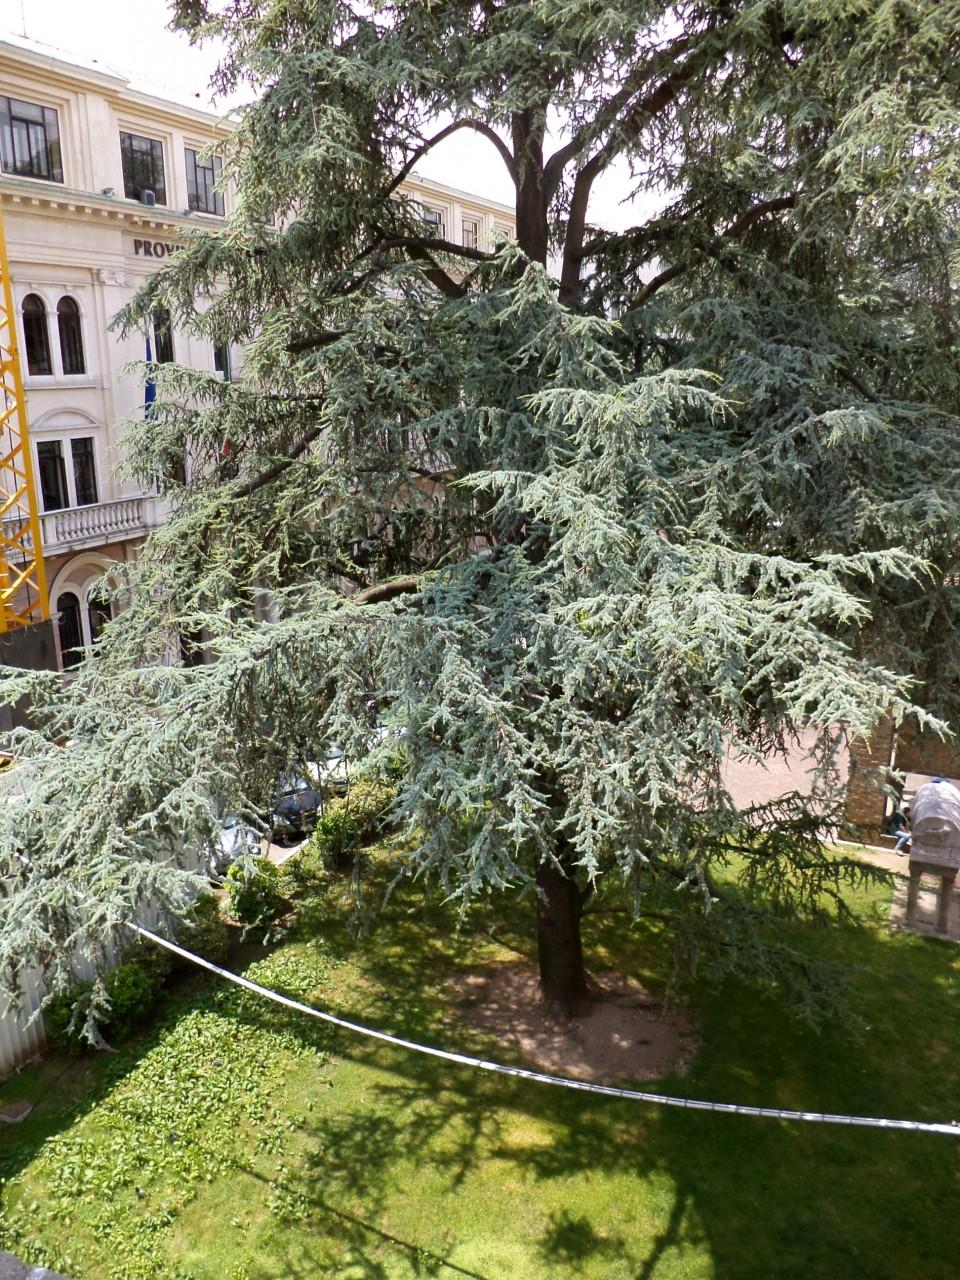 PADOVA - Piazza Antenore: luminoso ufficio monovano - https://media.gestionaleimmobiliare.it/foto/annunci/090409/30417/1280x1280/009__dsc02359.jpg